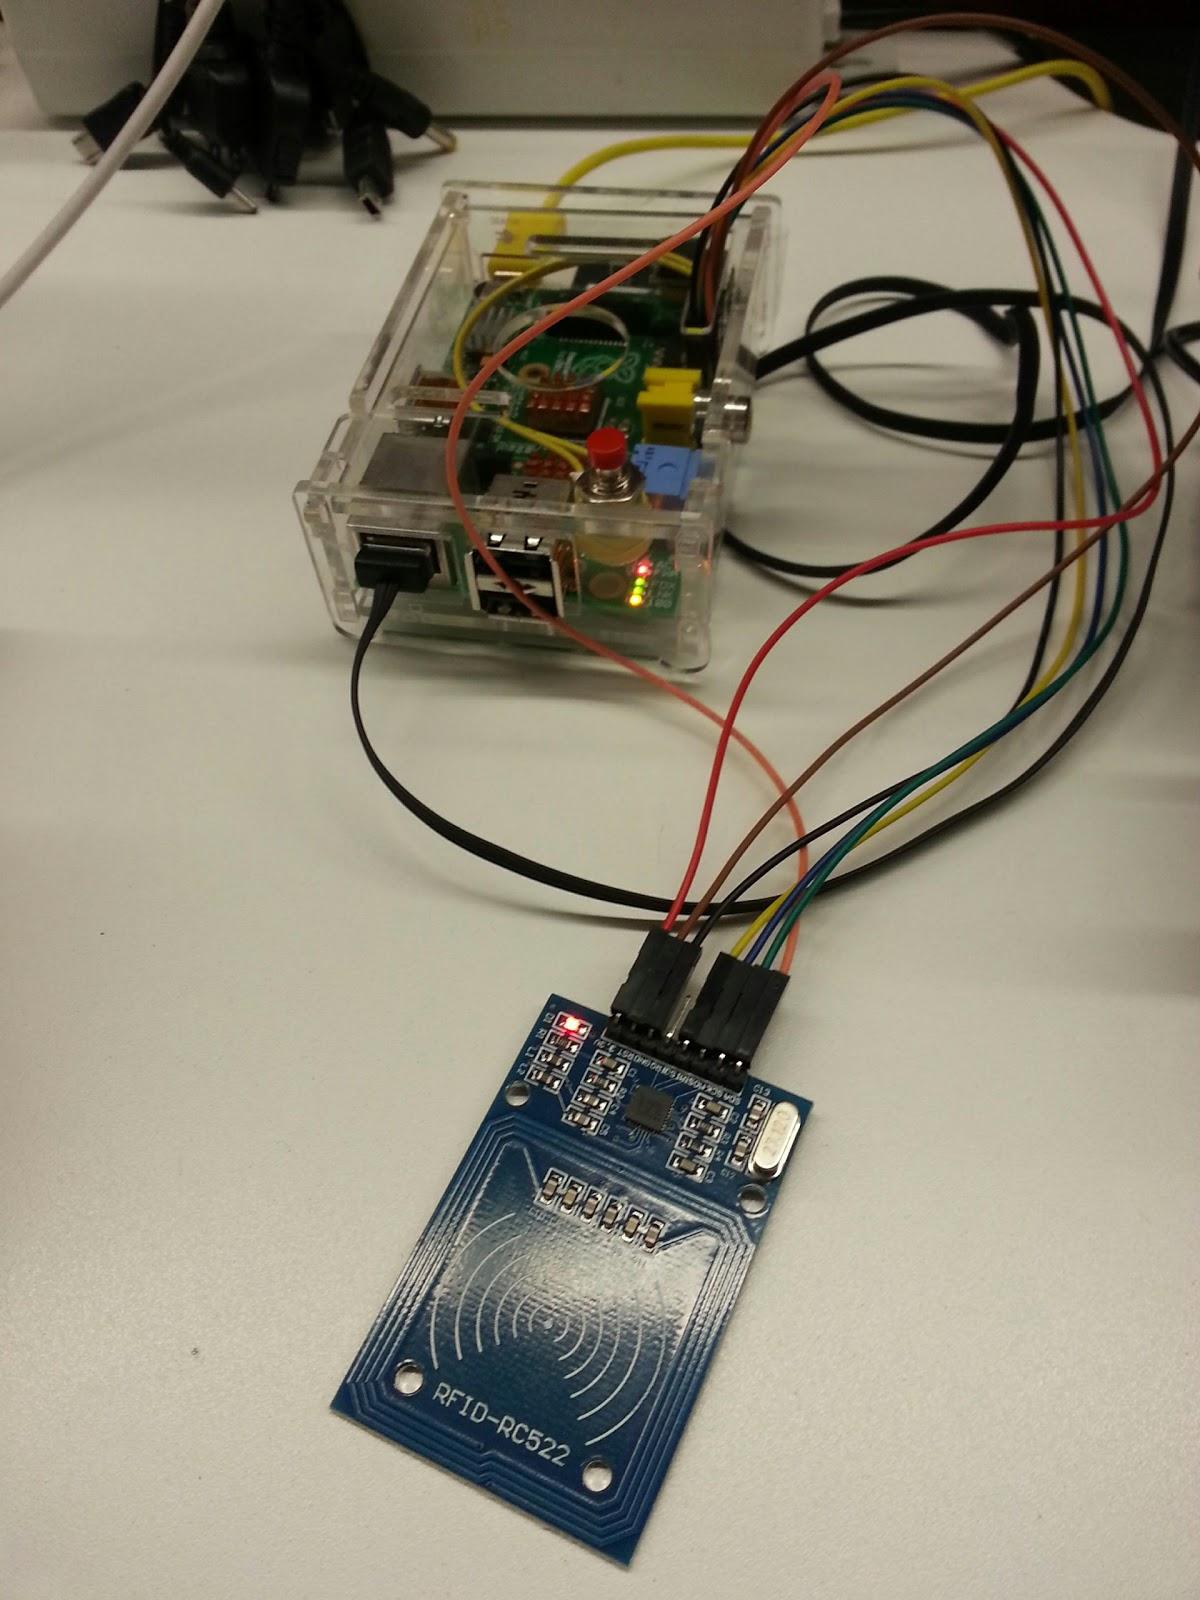 Raspmer How To Use Rfid Rc522 On Raspbian Raspberry Pi Install Wiringpi